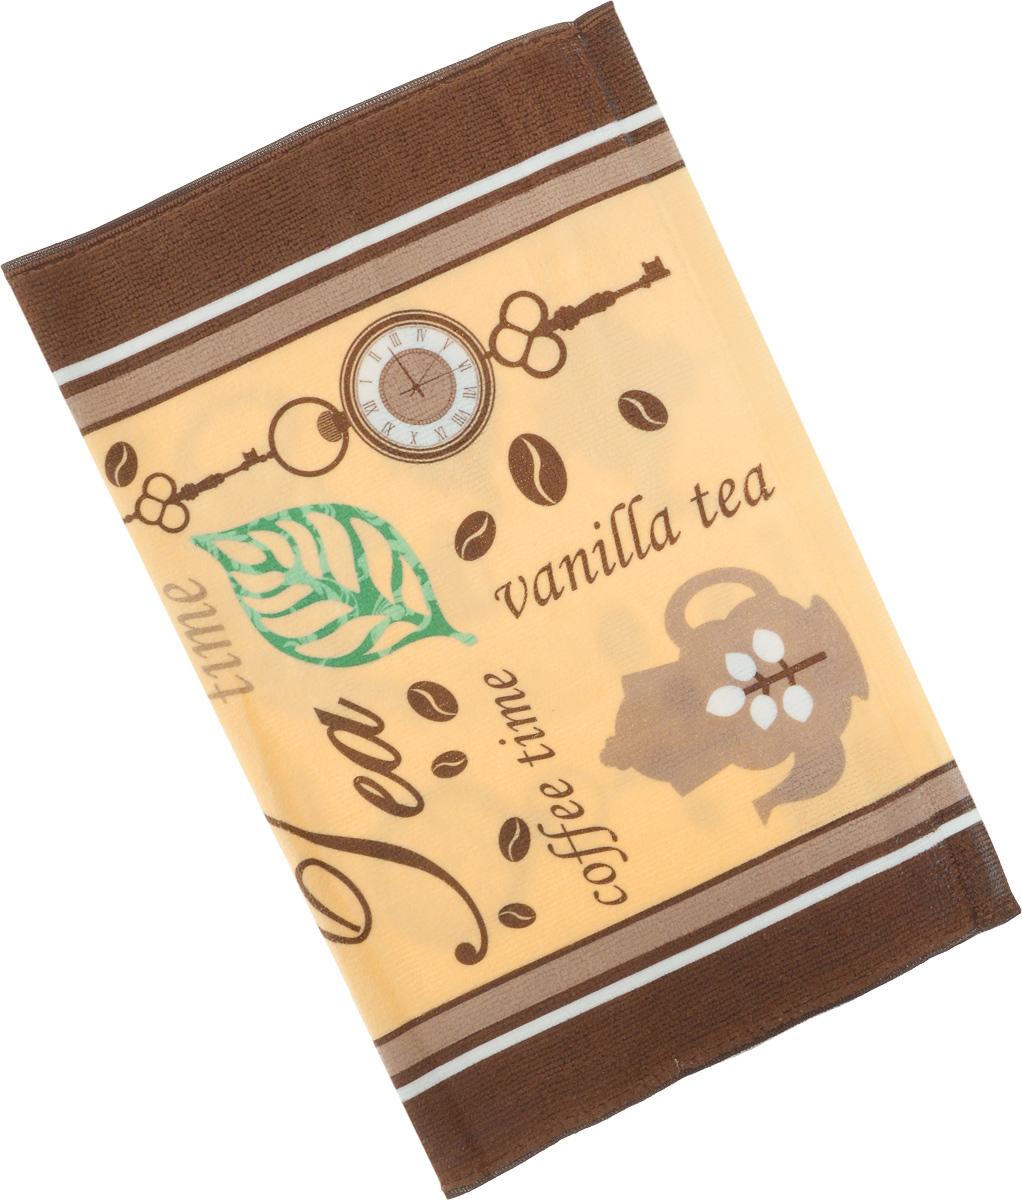 Полотенце кухонное Soavita Чай-Кофе, 38 х 50 см. 7712477124Кухонное полотенце Soavita Чай-Кофе, выполненное из высококачественной микрофибры (80% полиэстер, 20% полиамид), оформлено оригинальным рисунком. Изделие предназначено для использования на кухне и в столовой. Такое полотенце станет отличным вариантом для практичной и современной хозяйки.